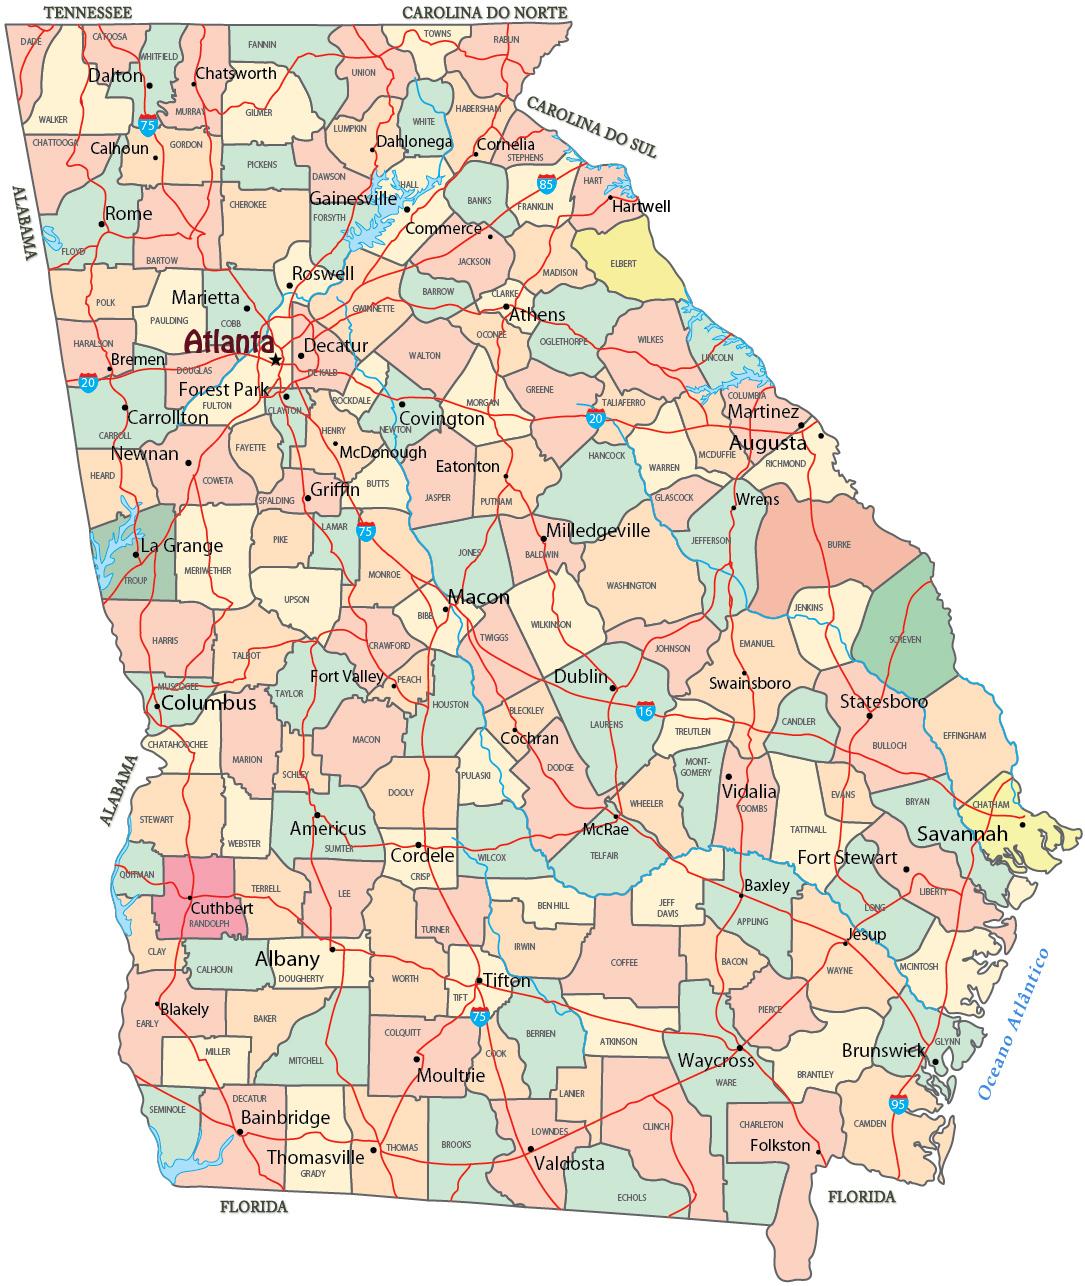 Mapa Político De Georgia Estados Unidos - Mapa de georgia